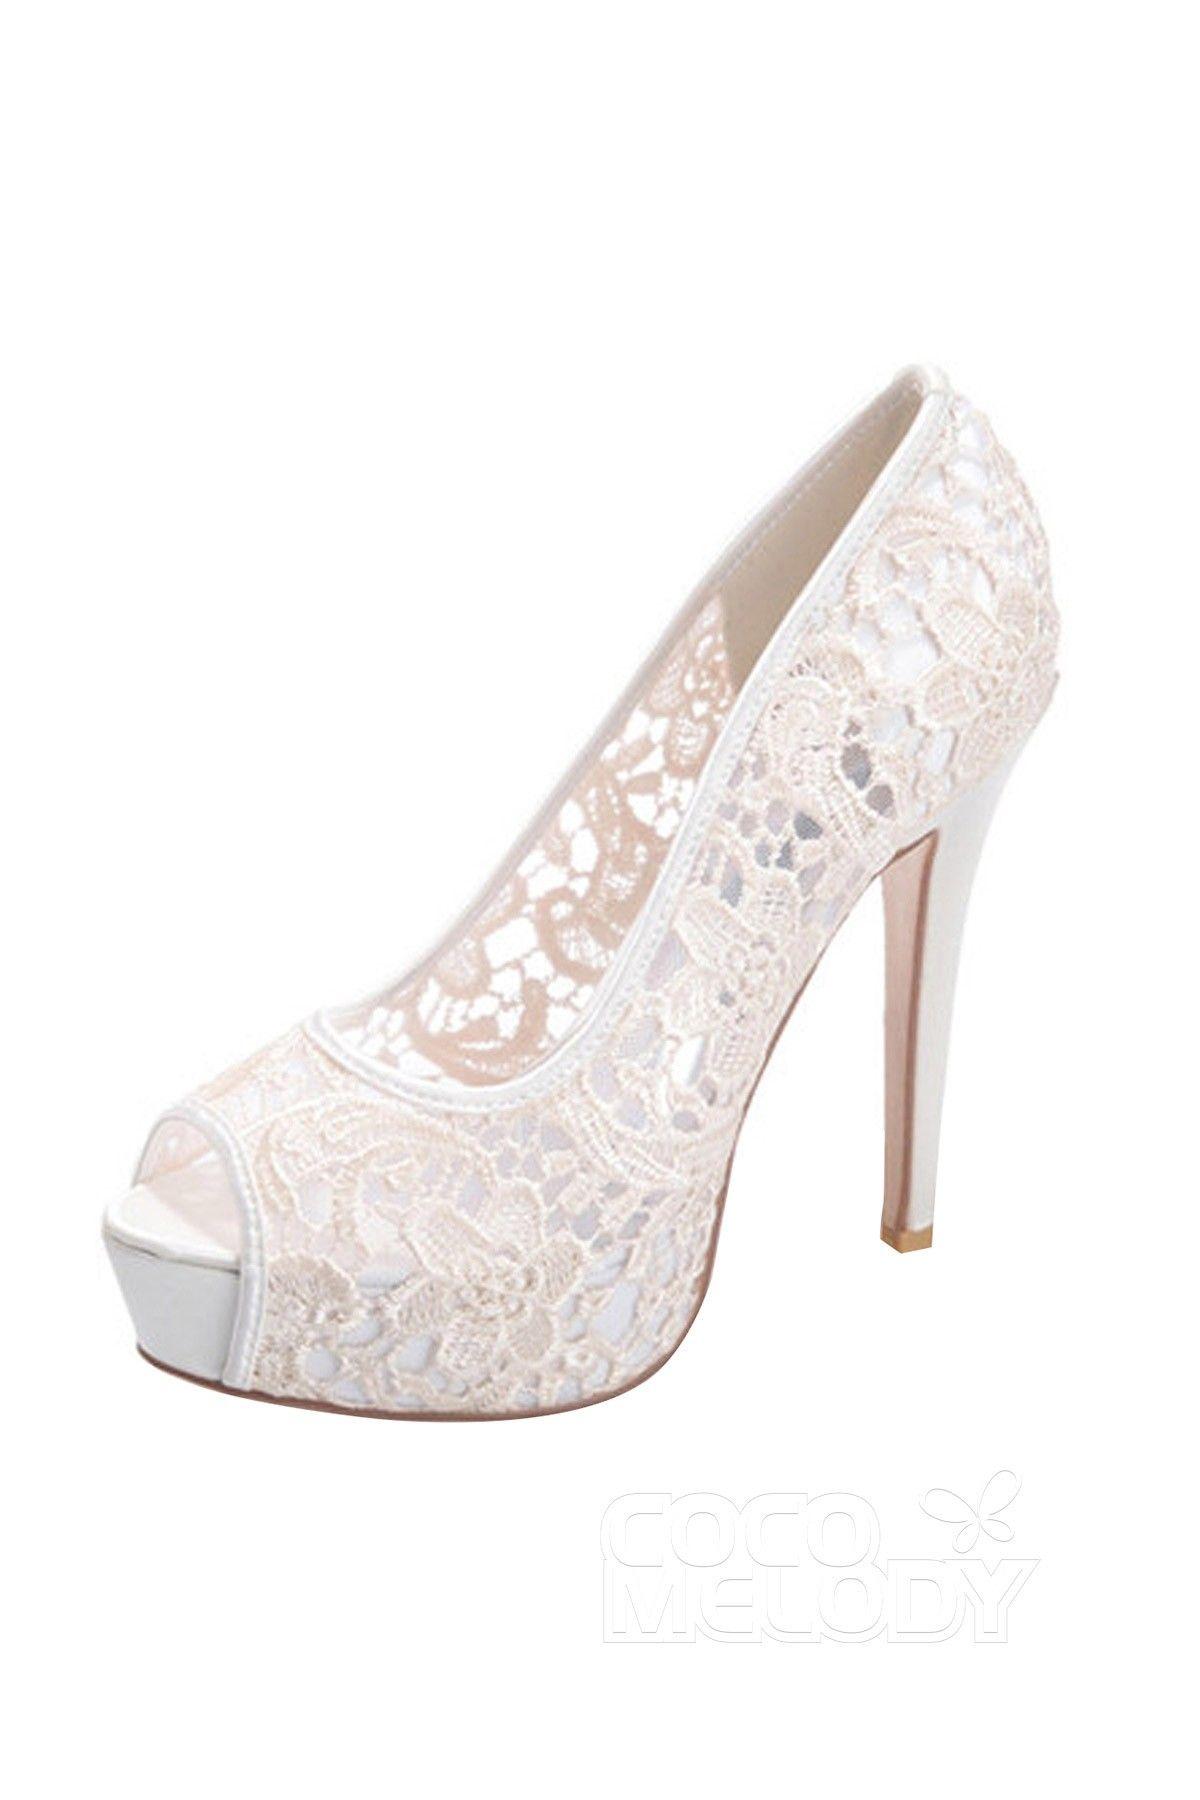 c5c0a9ac172d Stiletto Heel 12.7cm Heel 2.8cm Platform Lace Stitching Lace Peep Toe  Bridal Shoes SWS16019